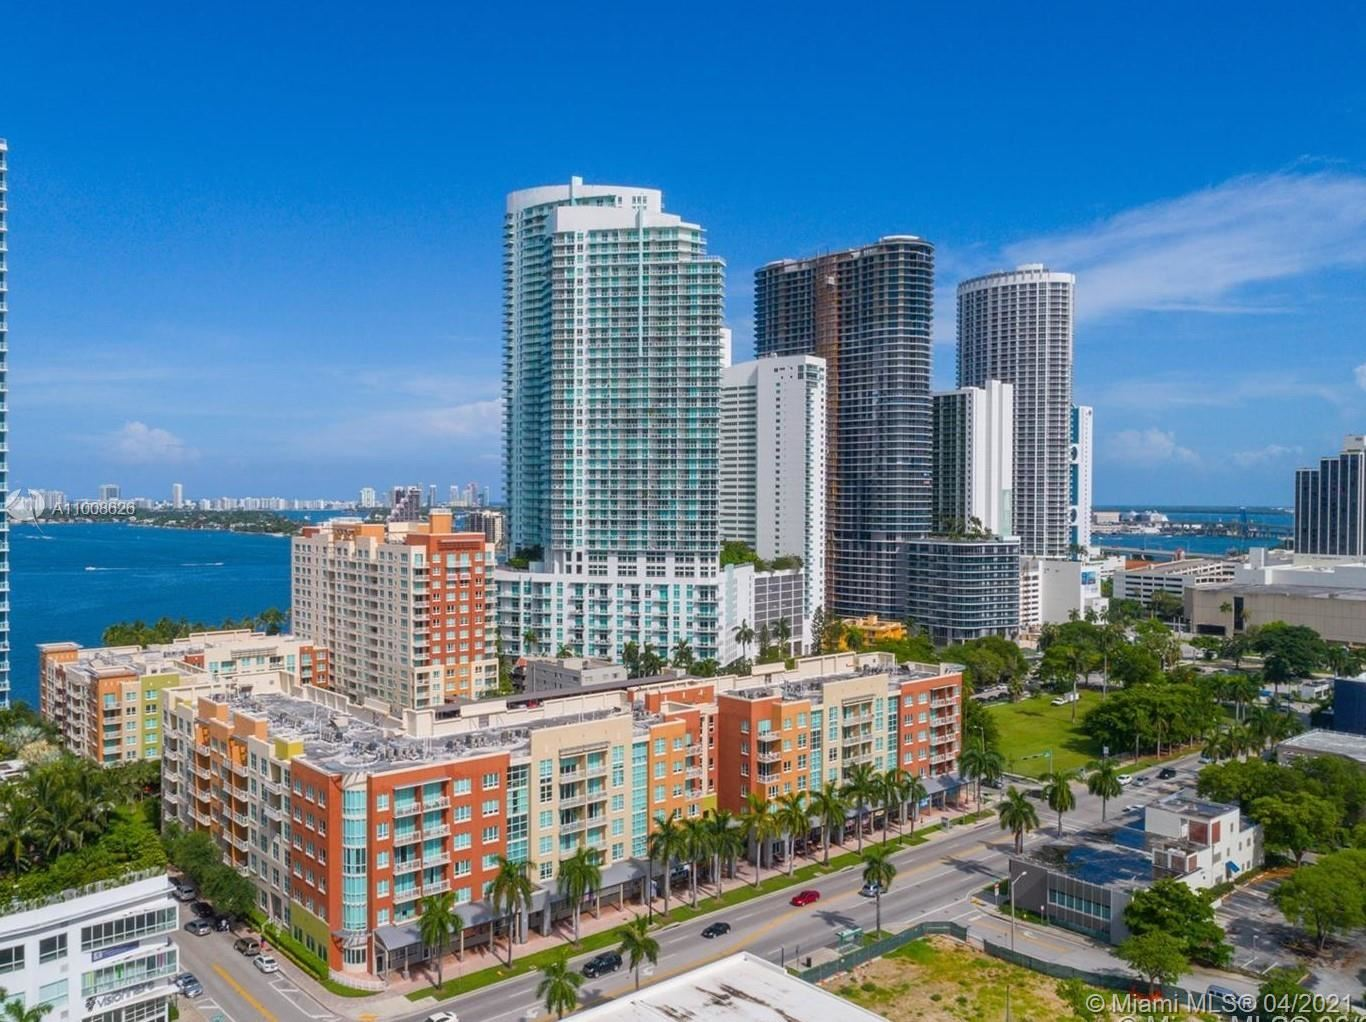 2000 N Bayshore Dr #1207, Miami, FL 33137 - #: A11008626